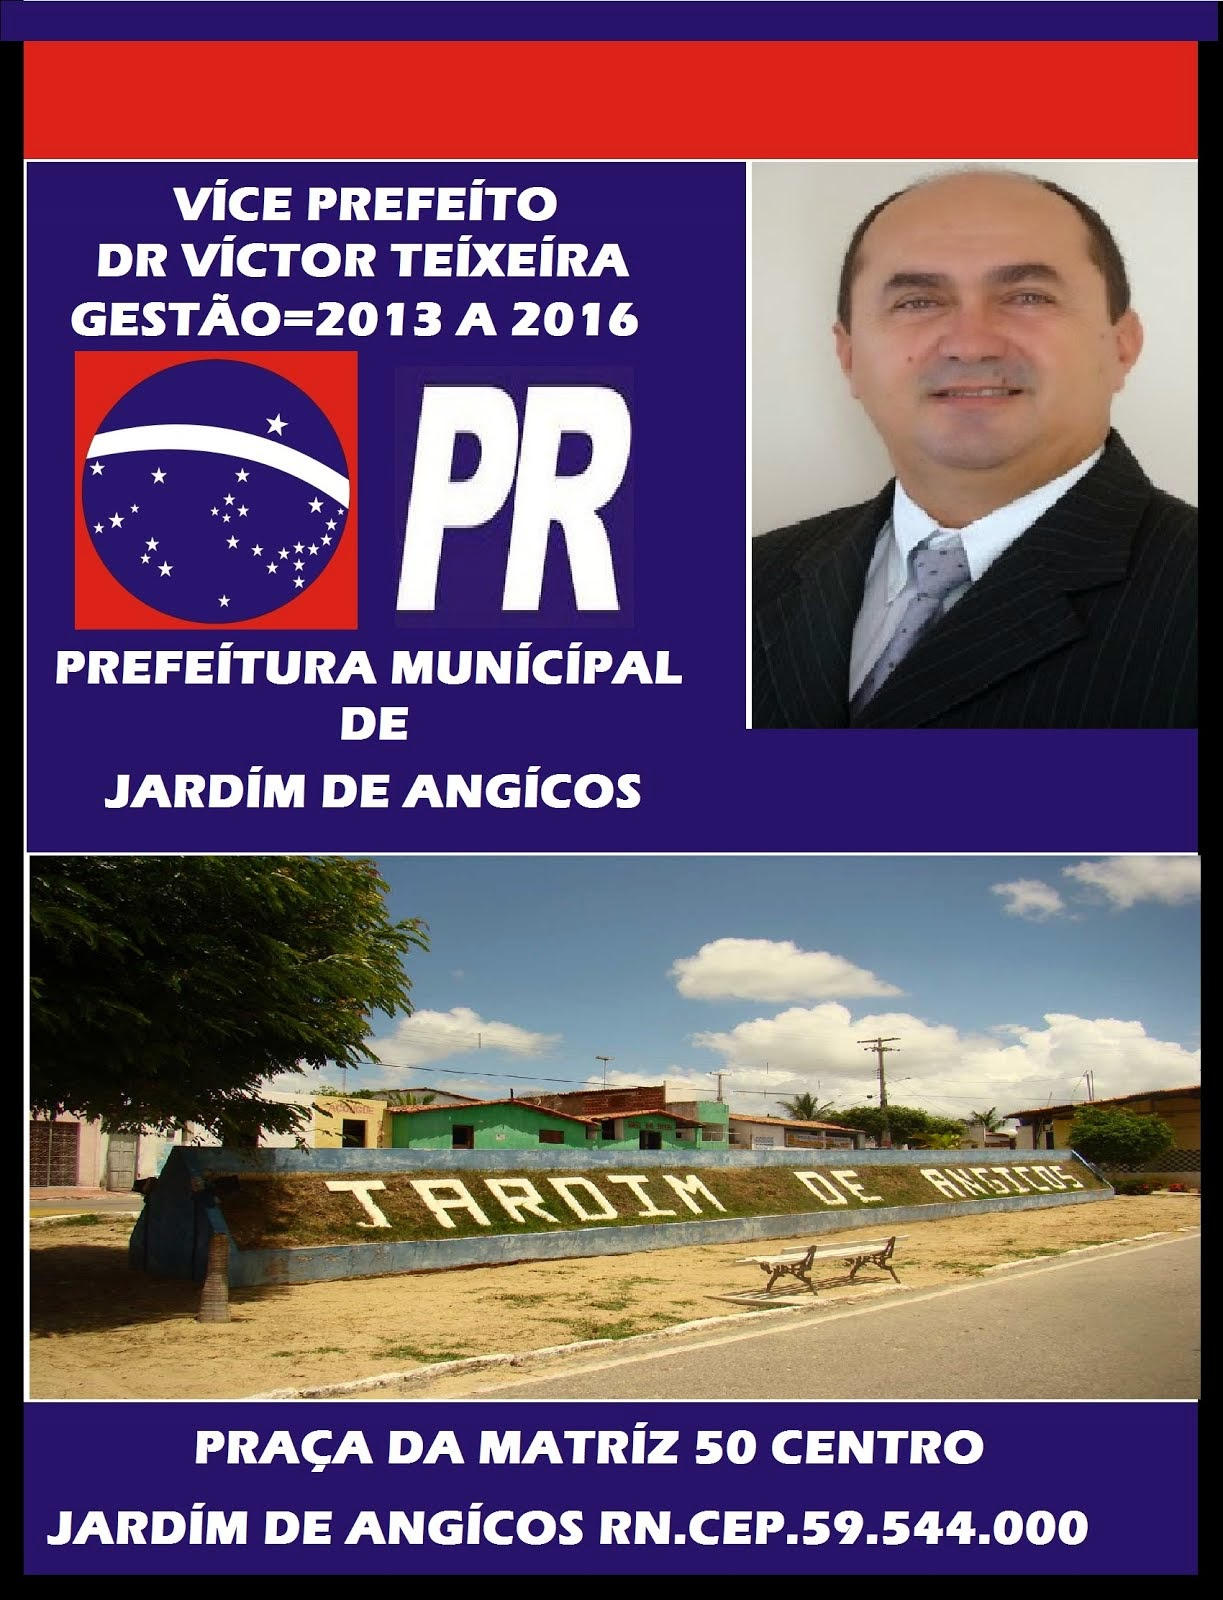 VICE PREFEITO VICTOR TEIXEIRA.